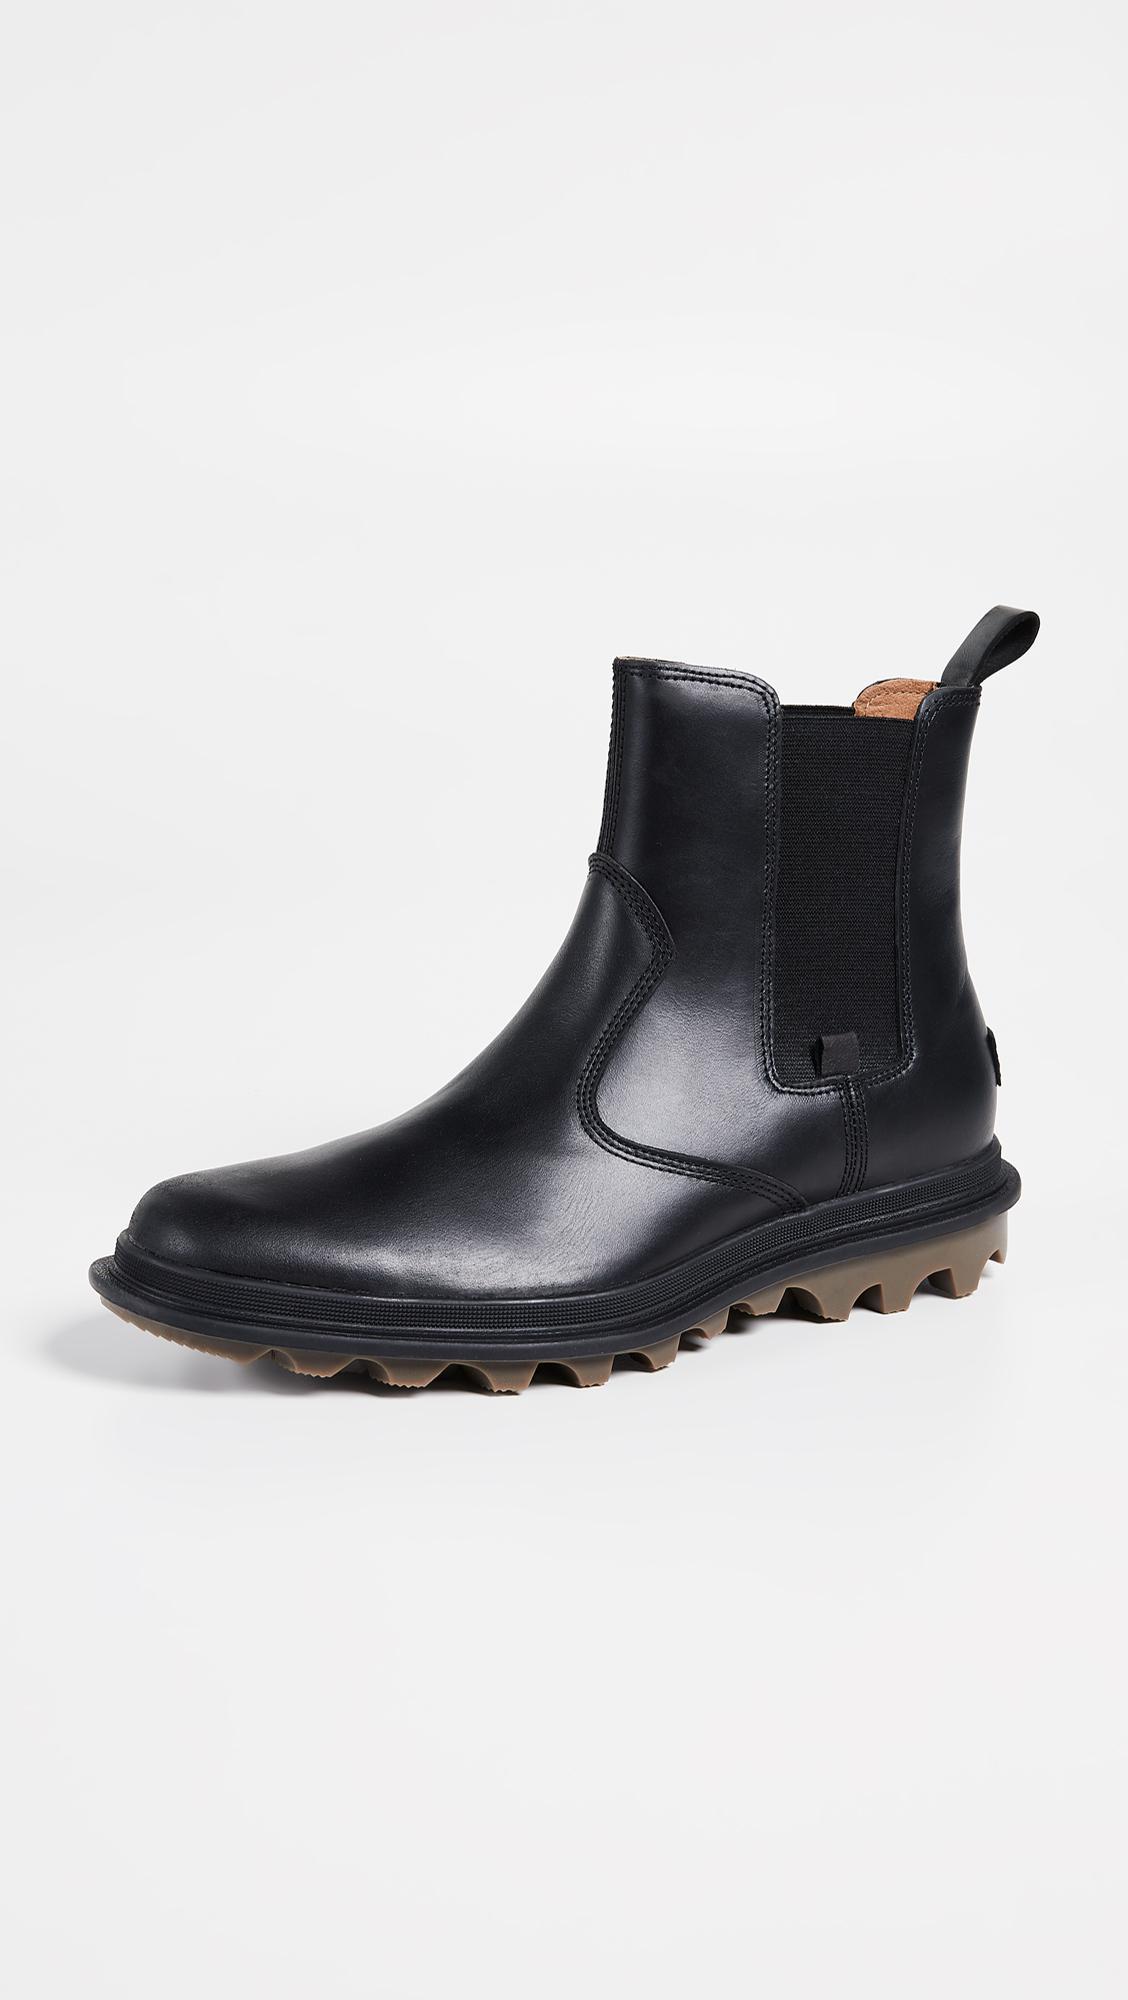 Sorel Ace Waterproof Leather Chelsea